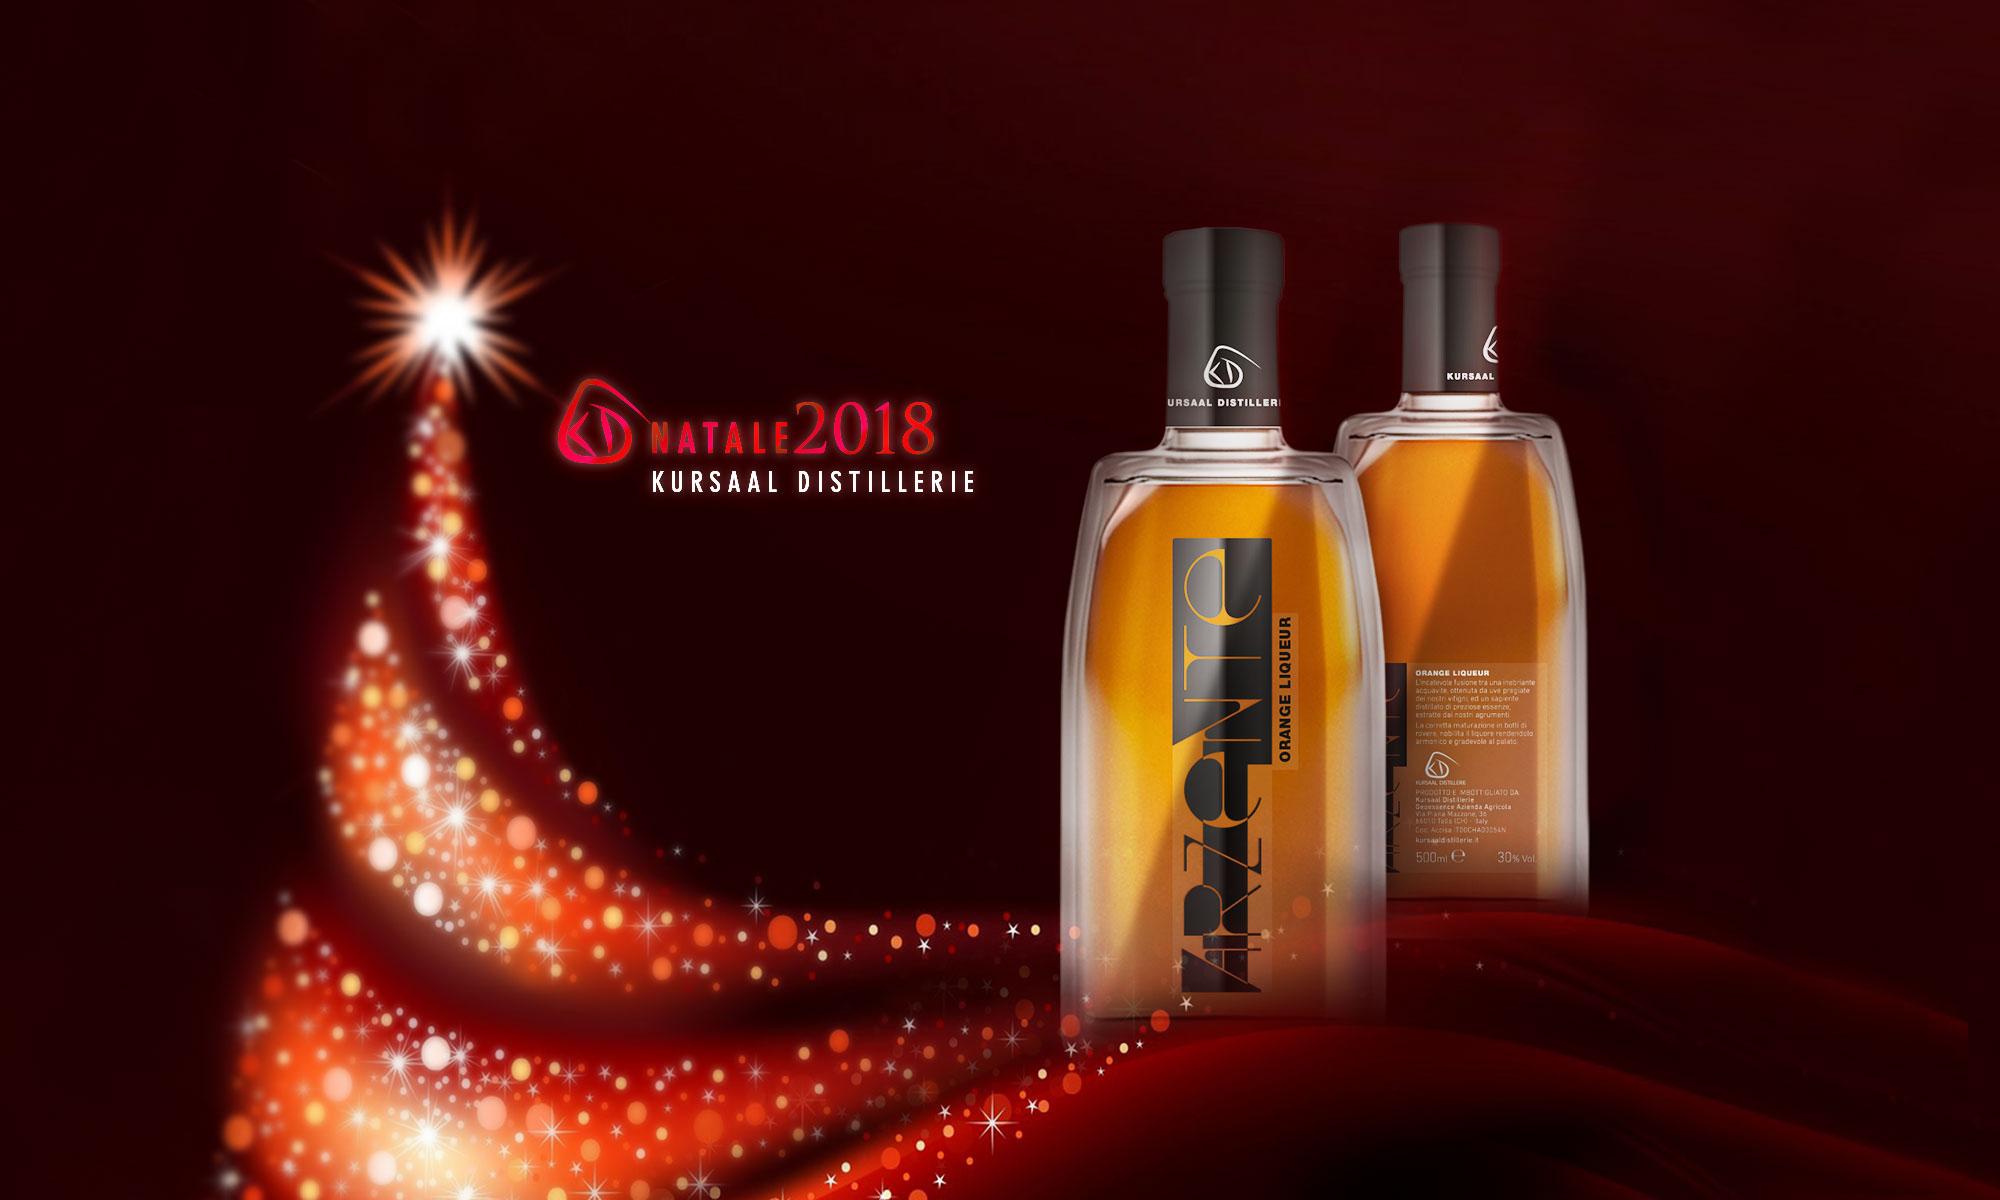 Kursaal Distillerie augura a tutti un buon inizio di festività natalizie!